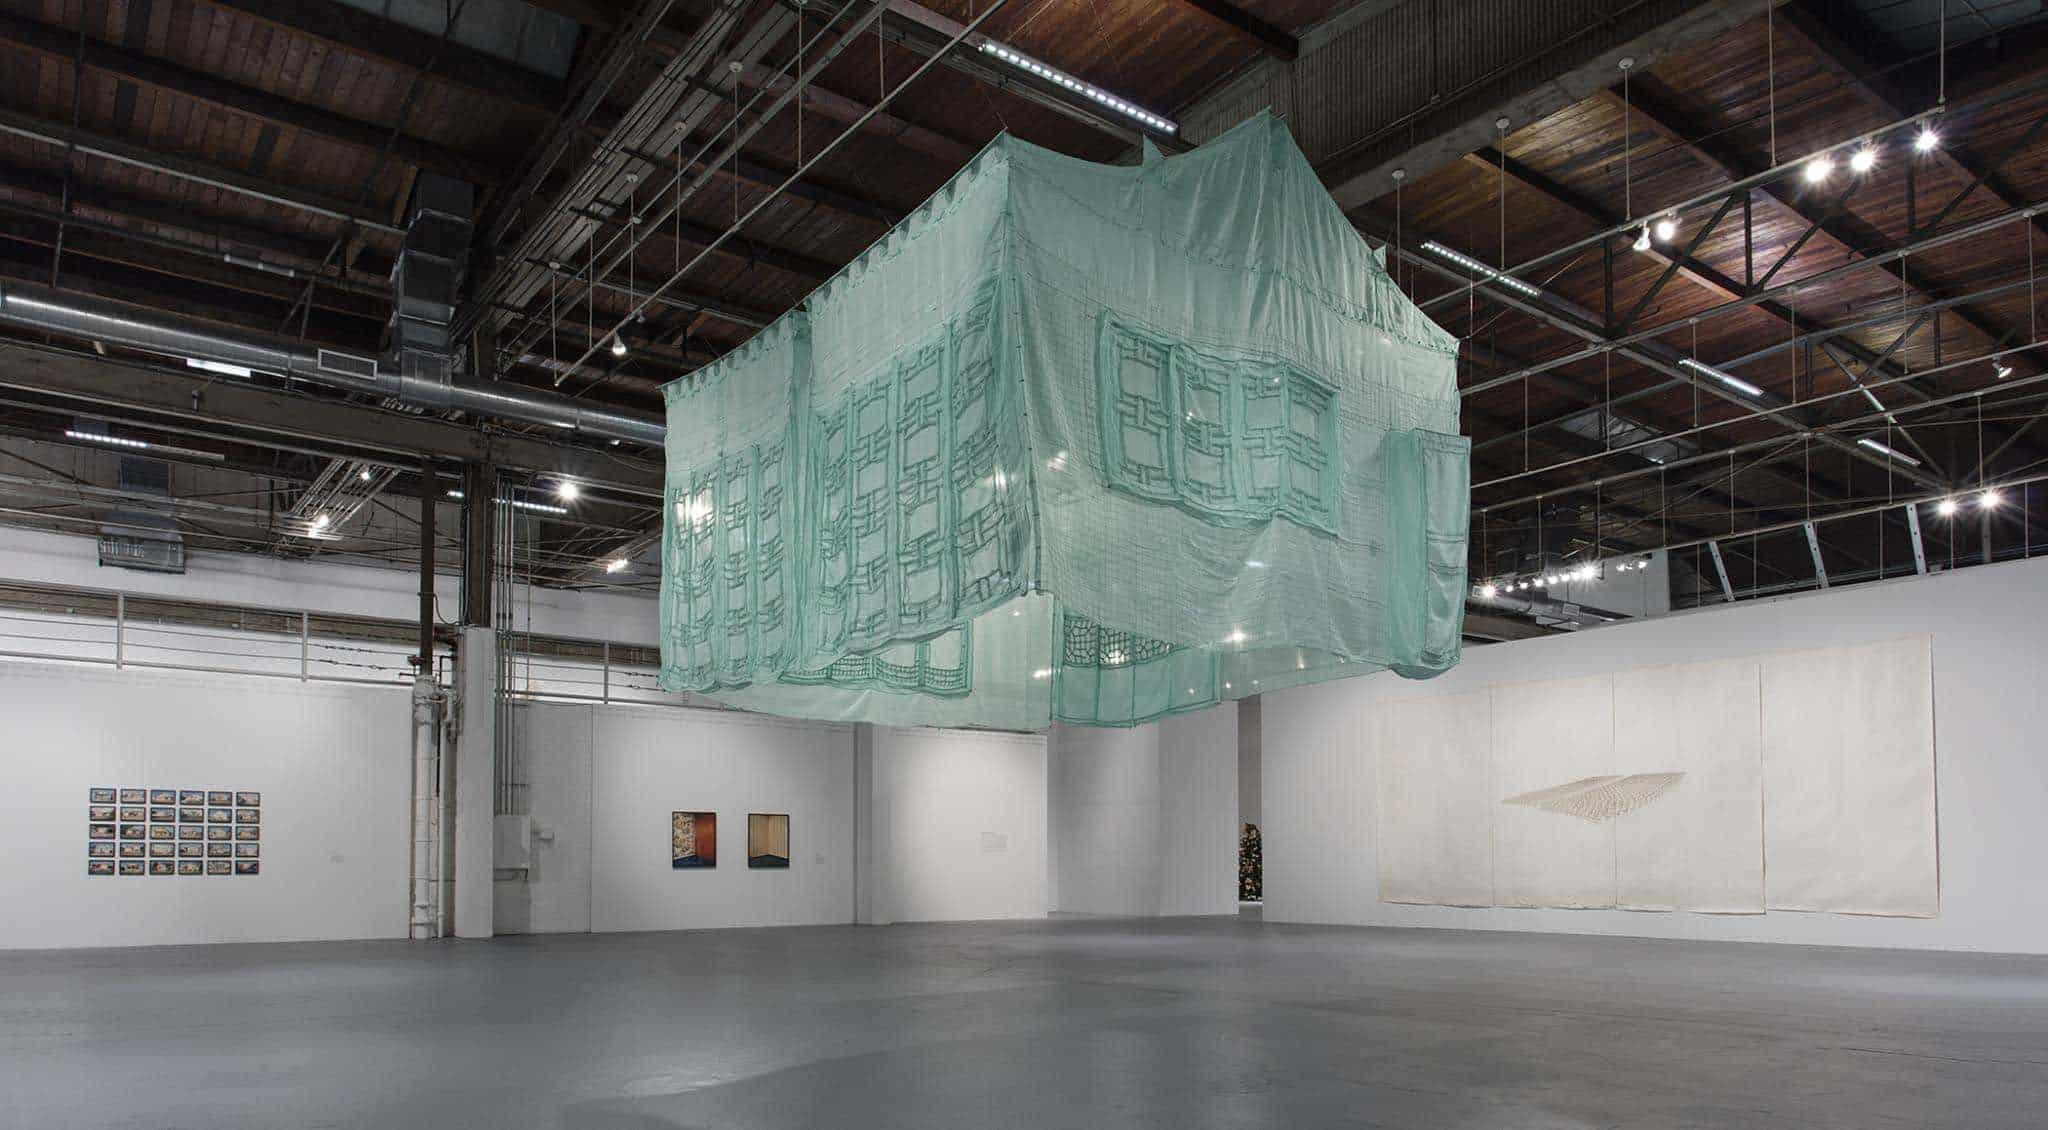 Museum of Contemporary Art, Los Angeles (MOCA)